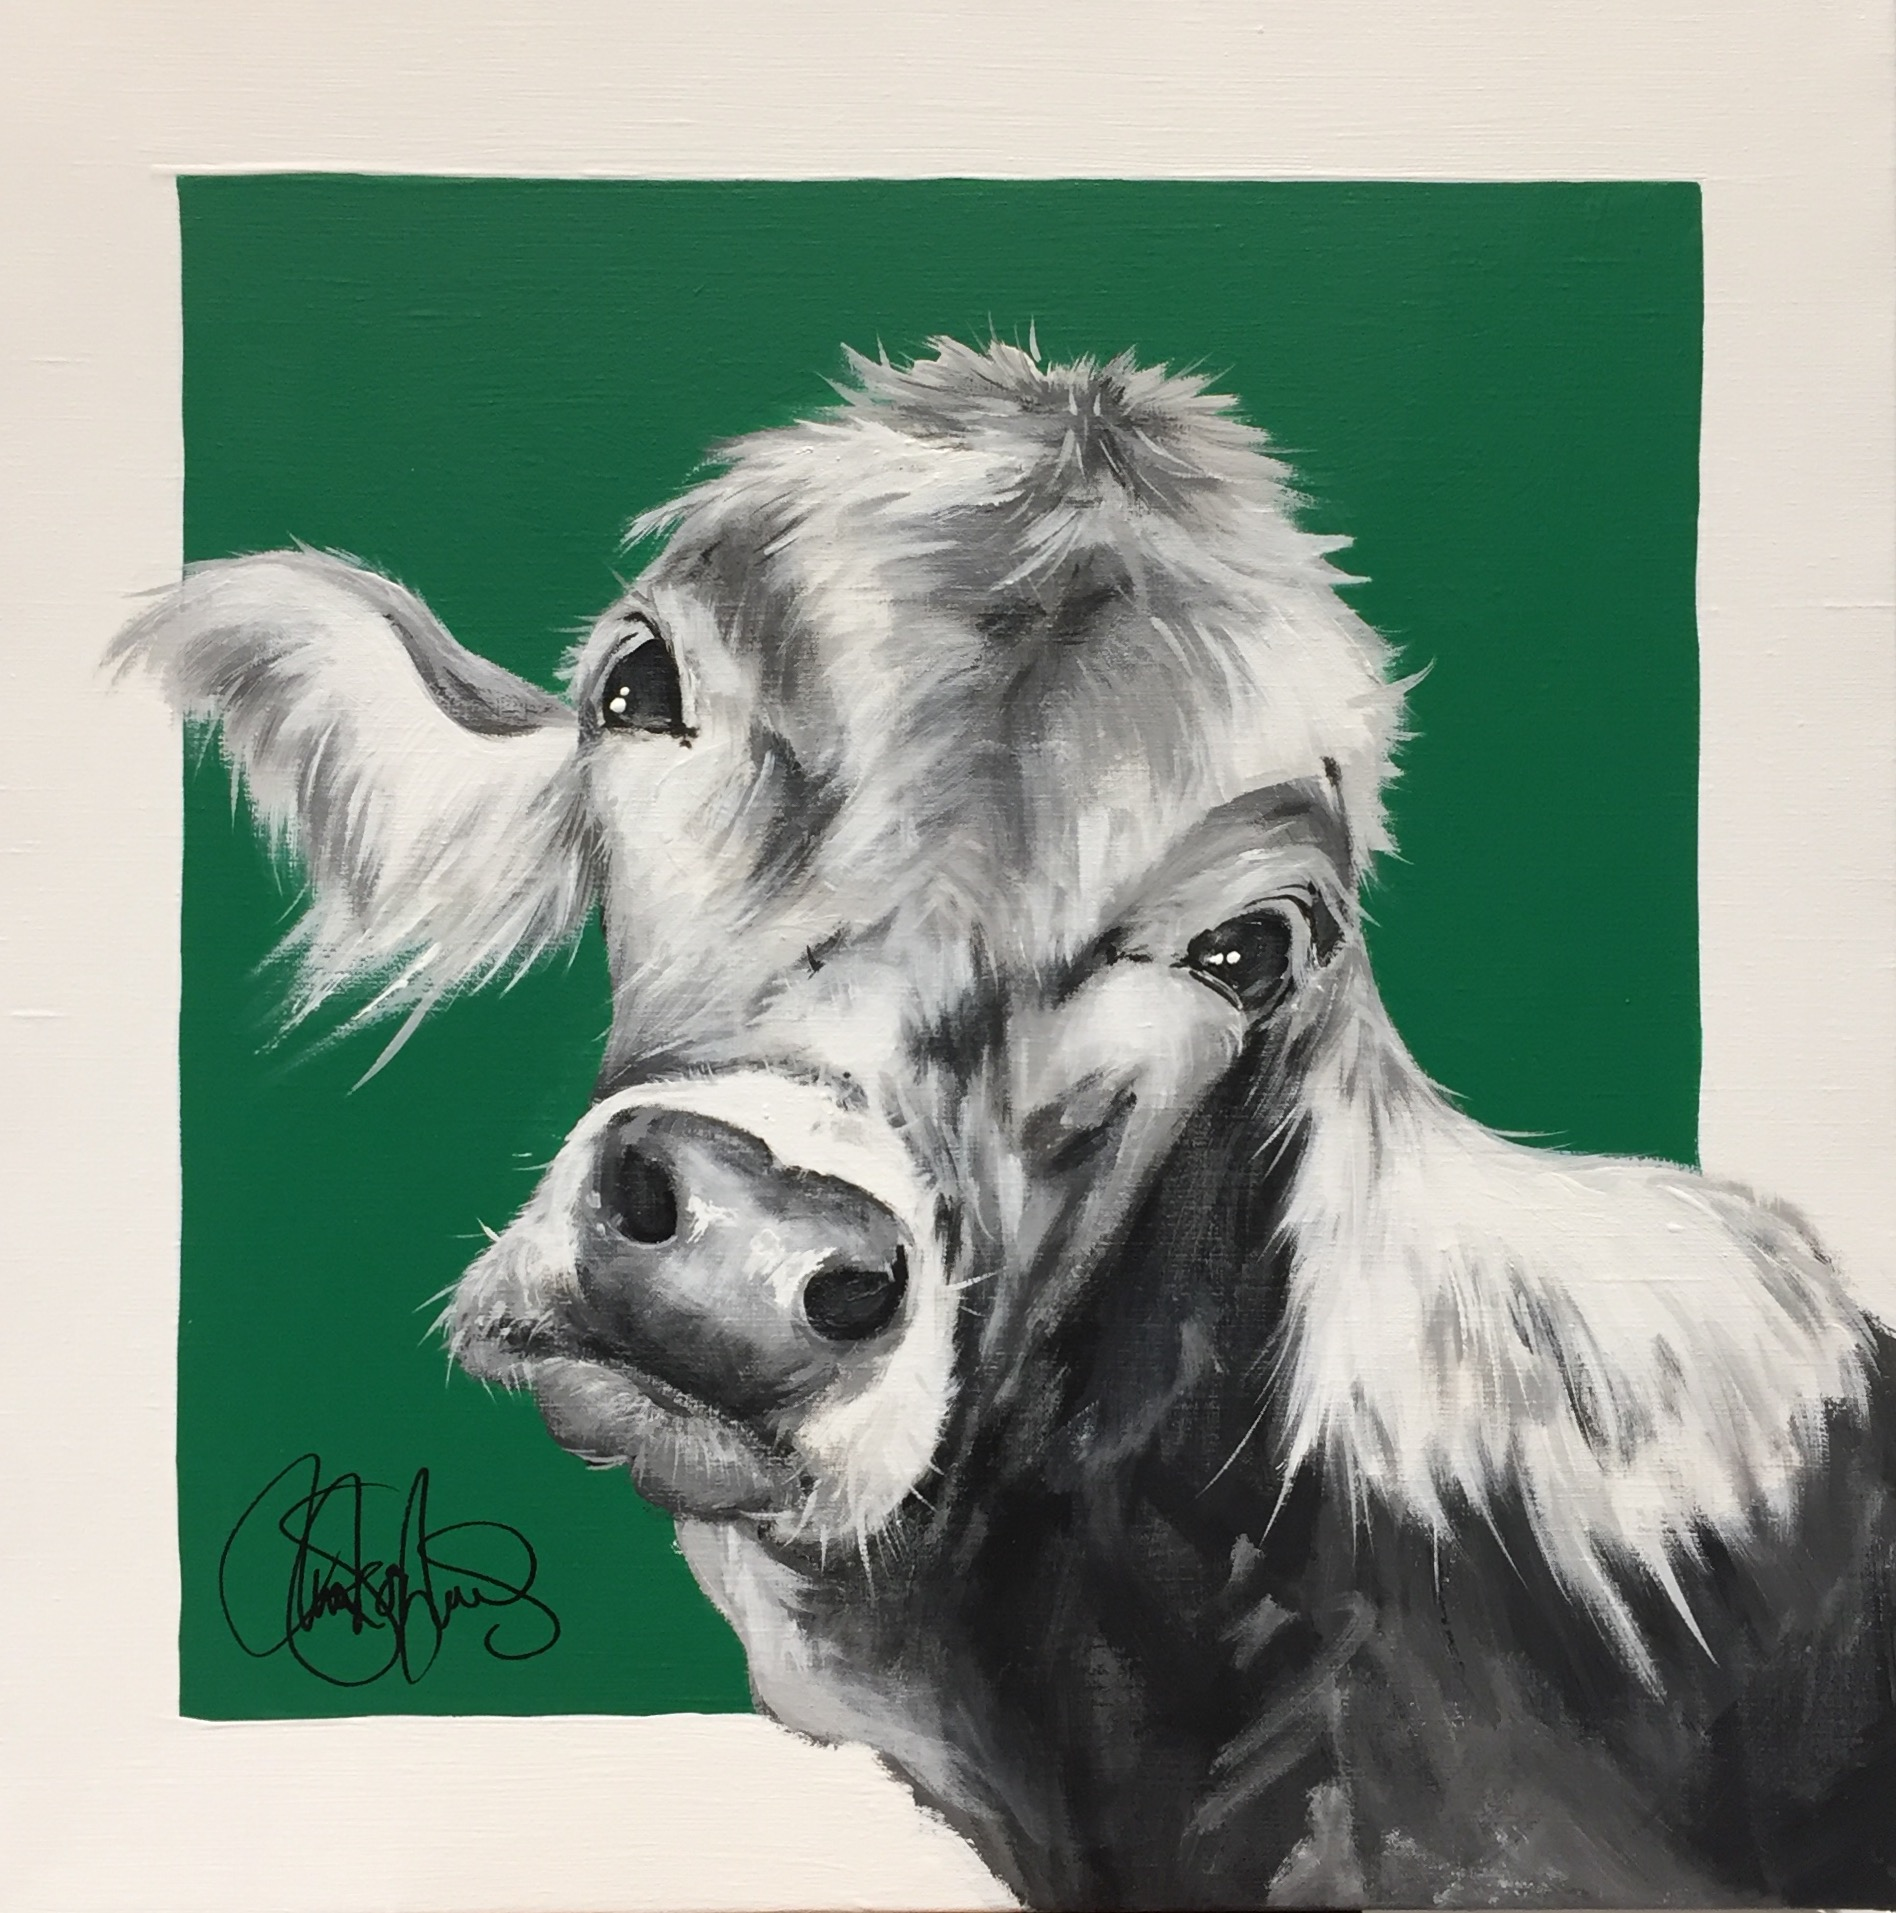 Akrylmålning i original. 50x50cm. Till salu för 3500sek.